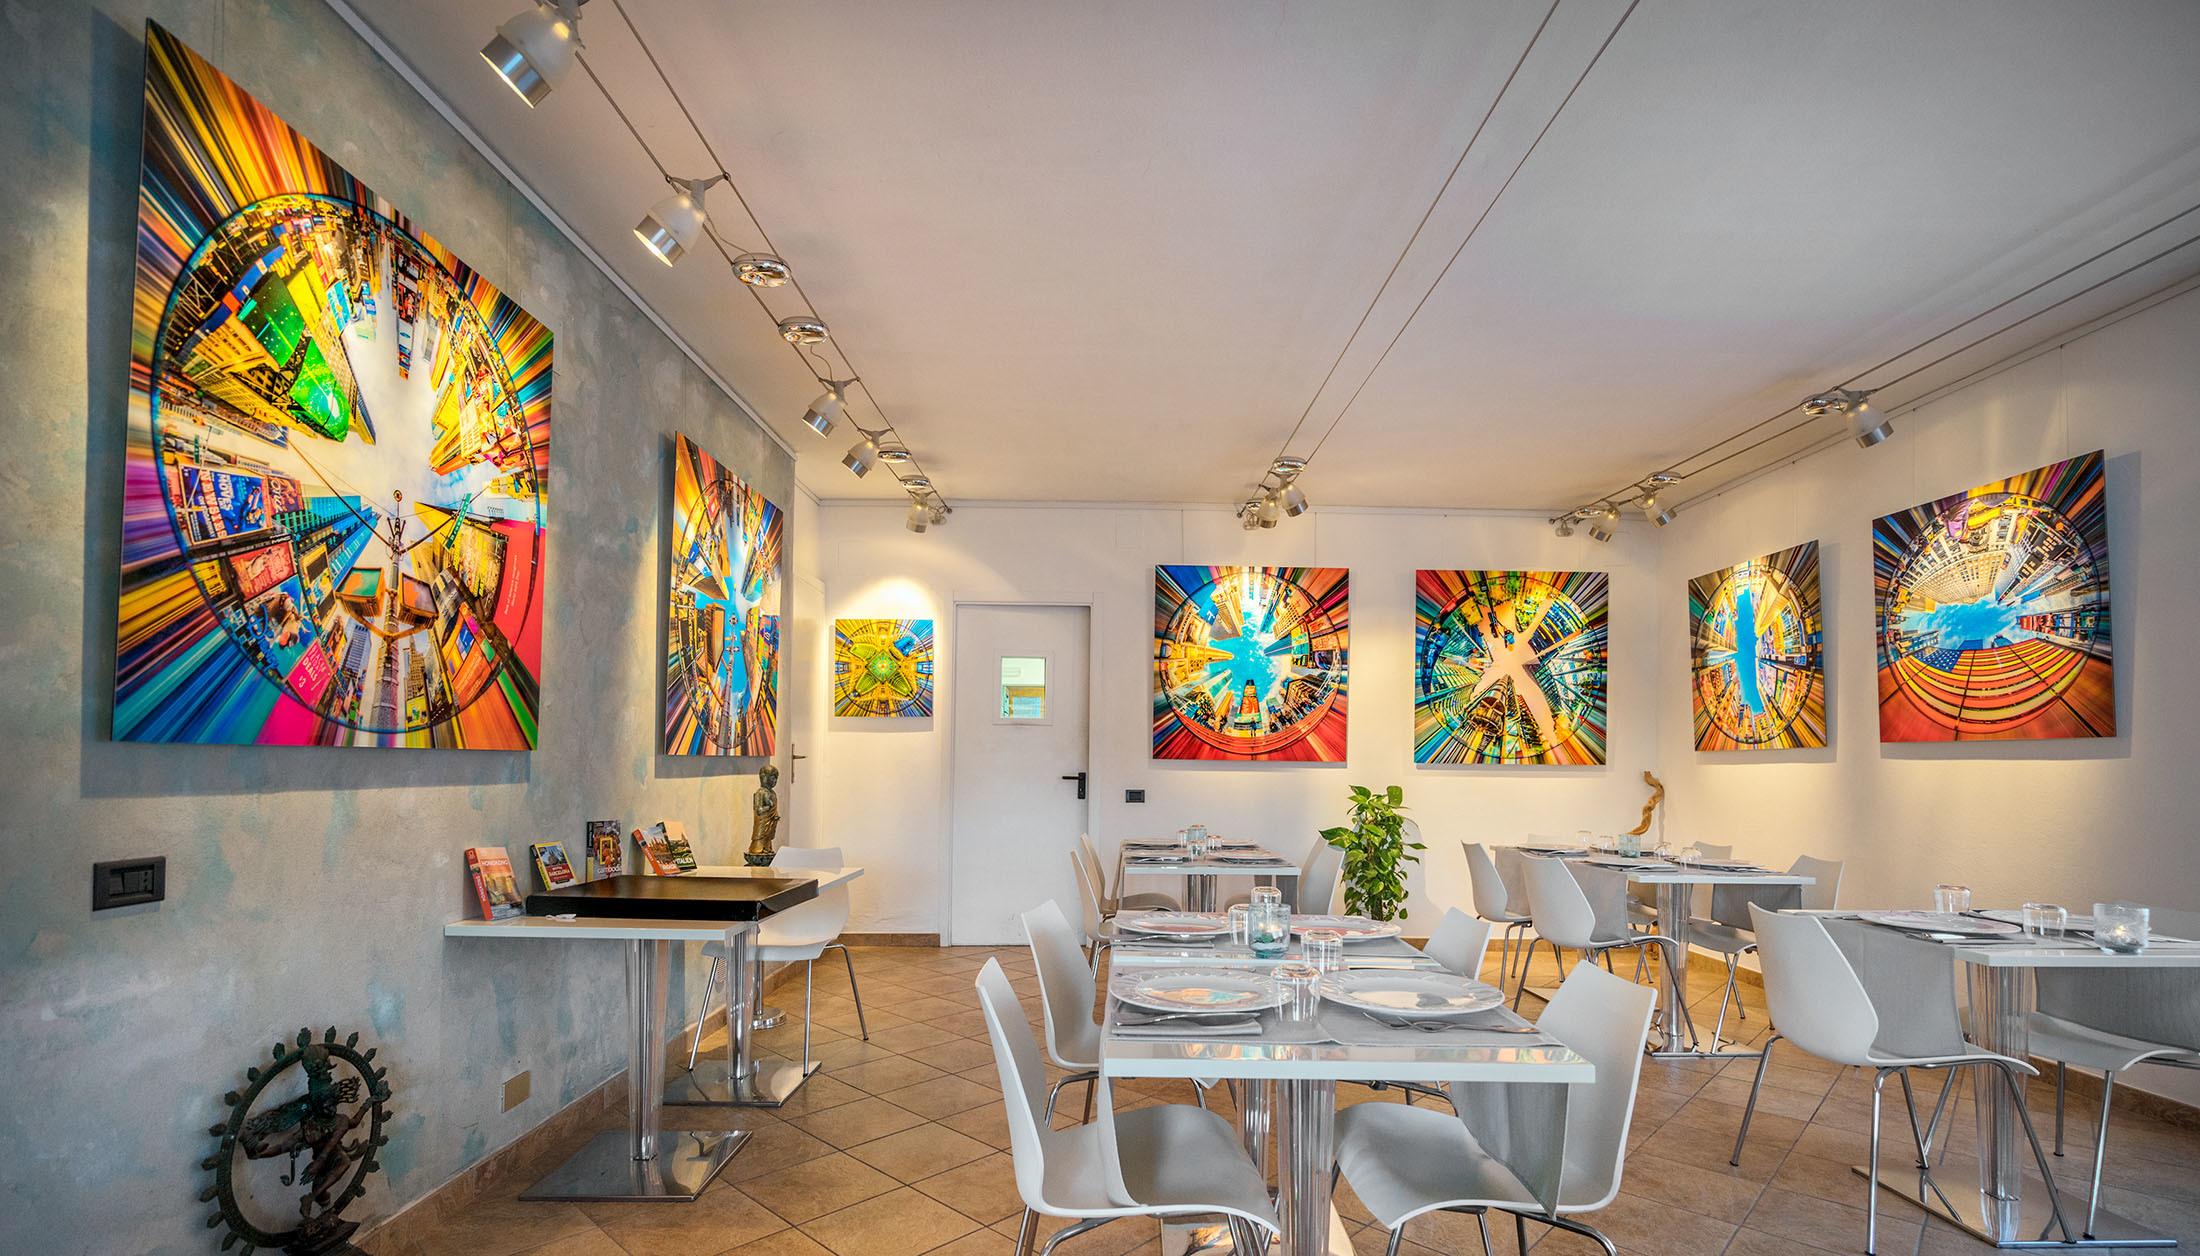 L'Ostrica Ristorante - Art Gallery